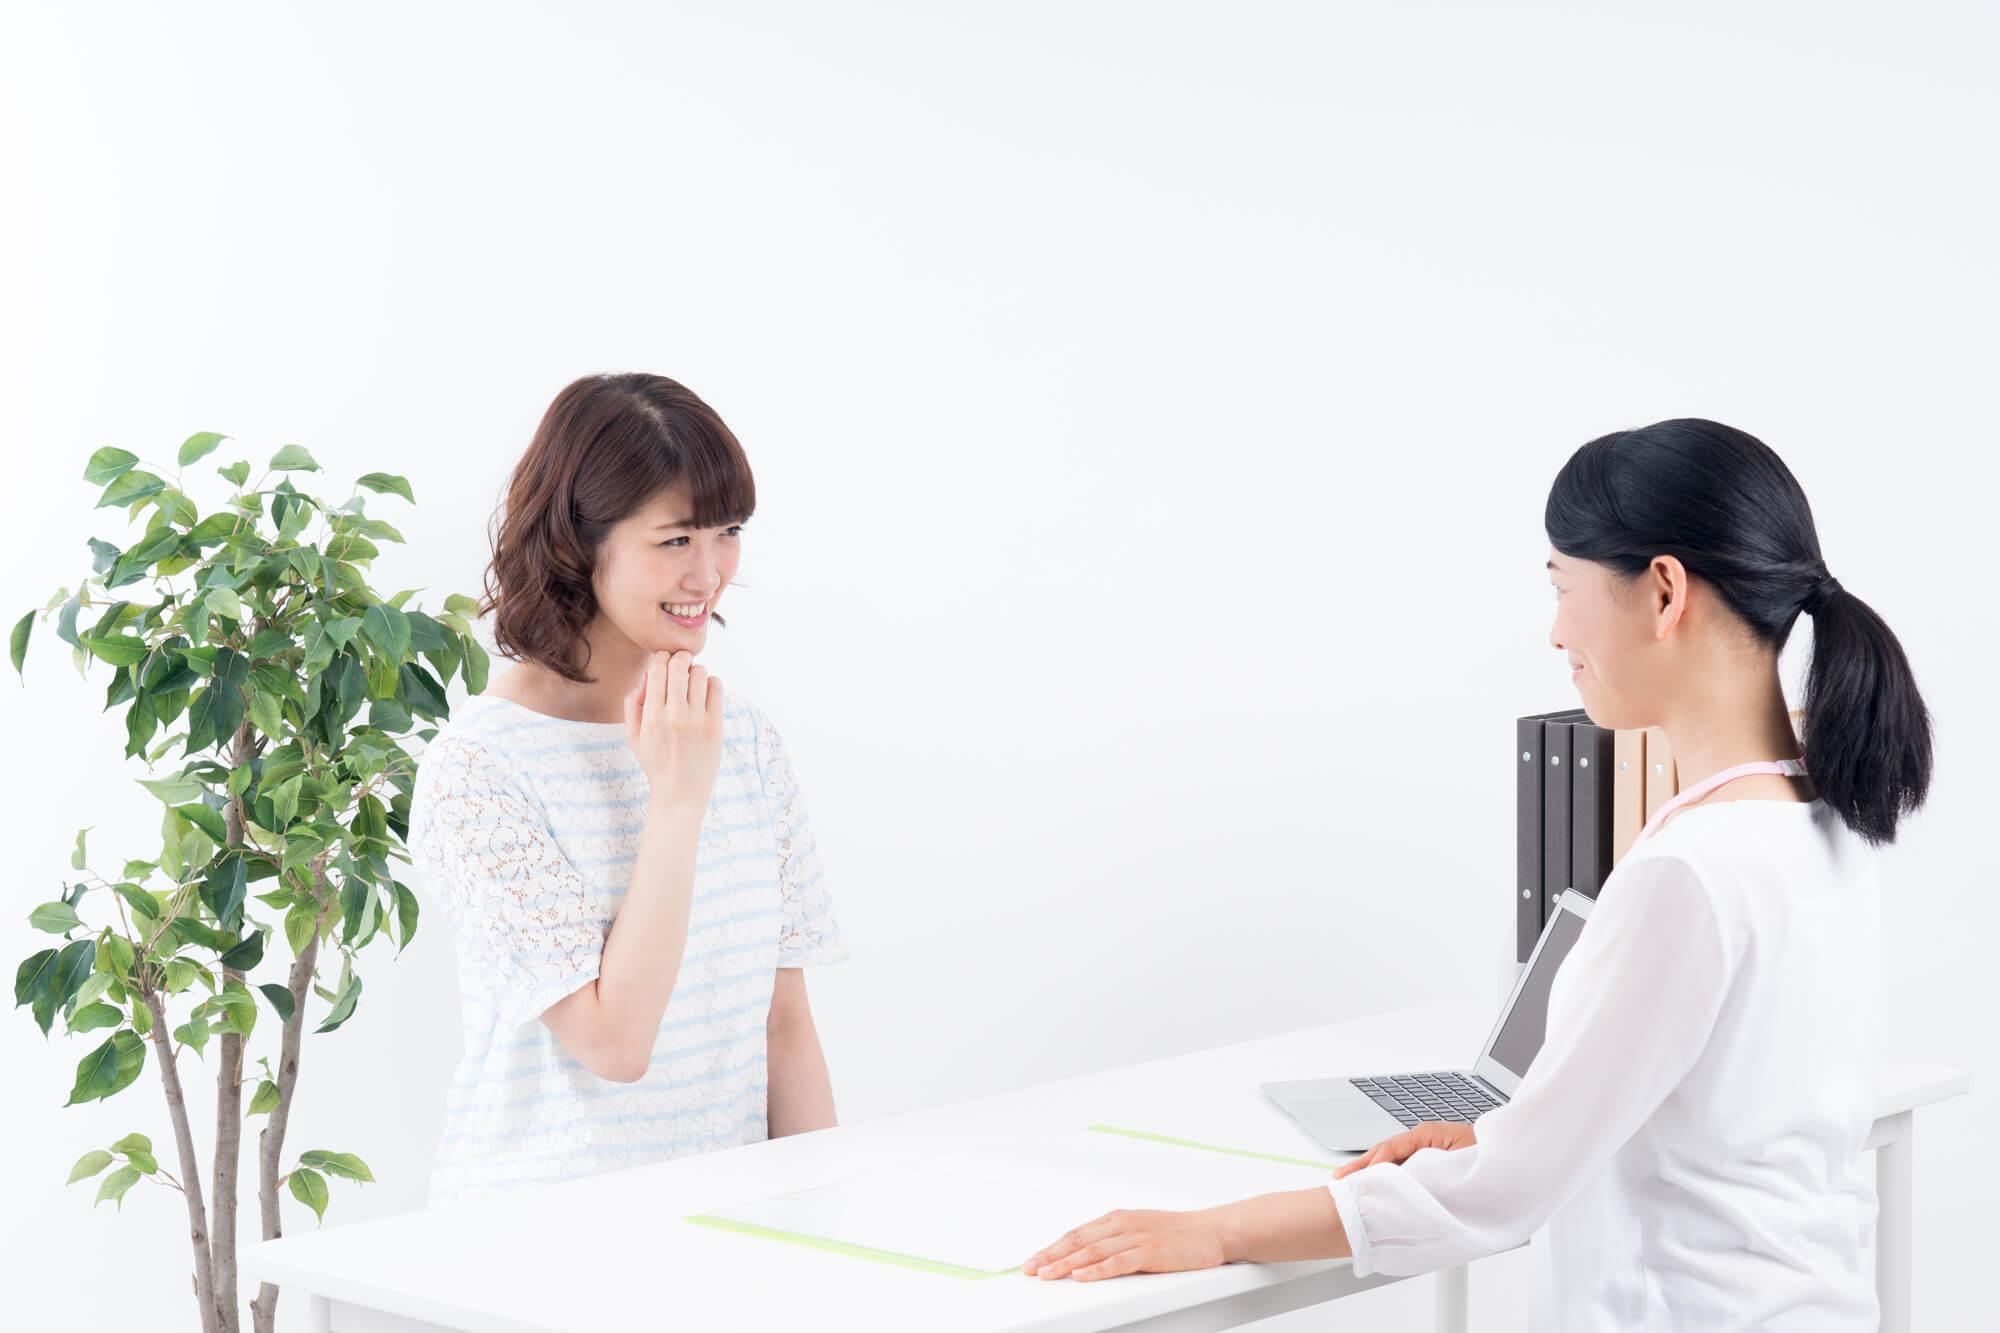 女性カウンセラーからコミュニケーショントレーニングを受けている女性クライアント